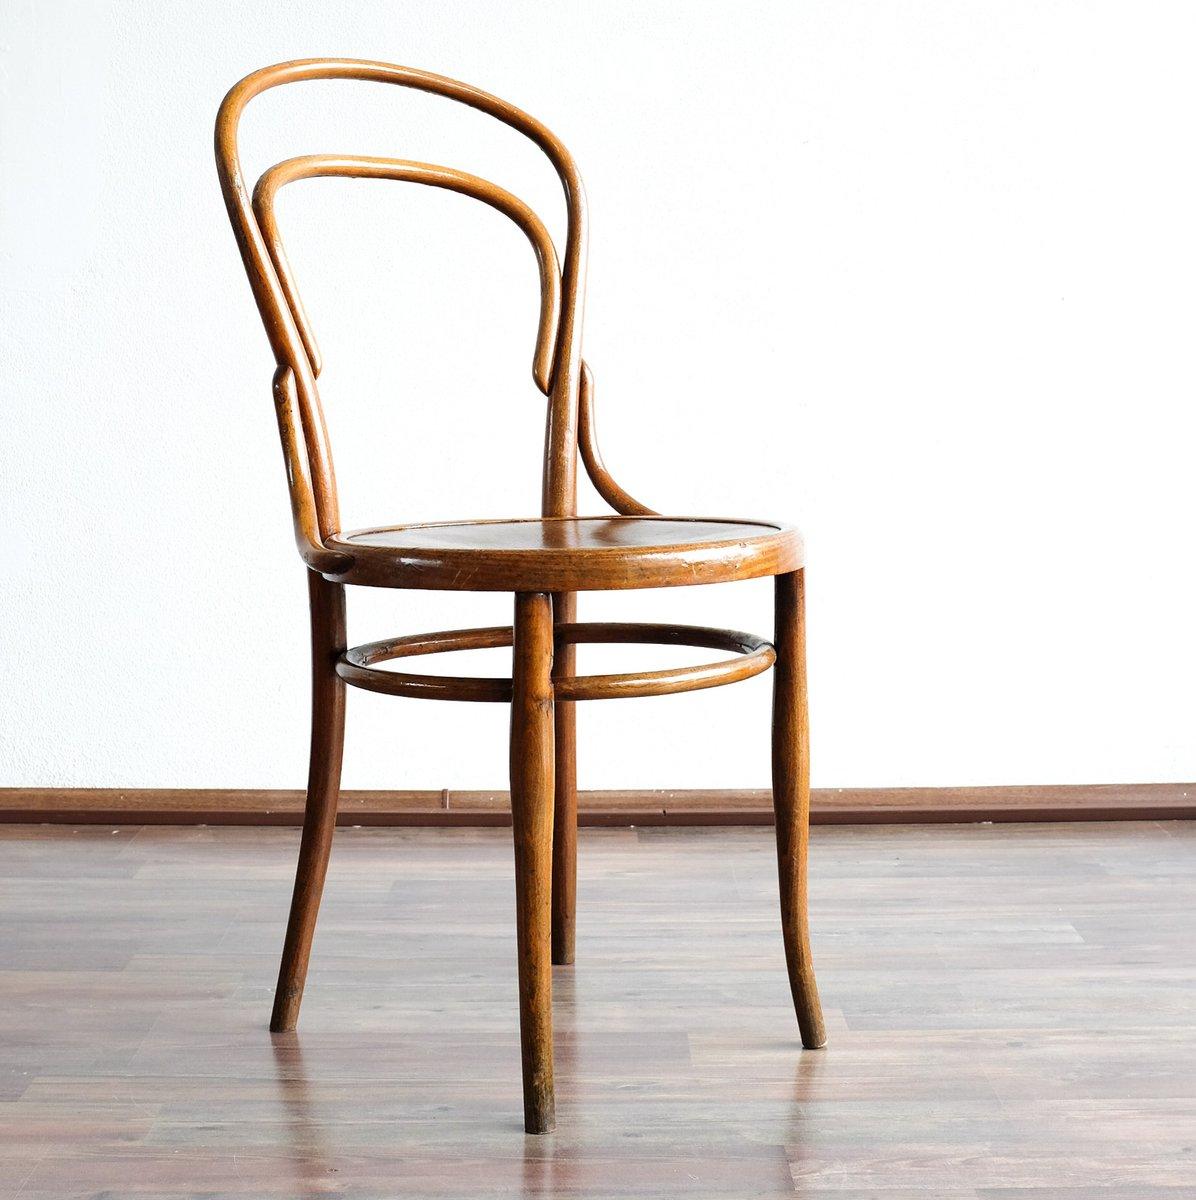 Chaise no 14 de thonet 1890s en vente sur pamono - Sedia thonet originale ...